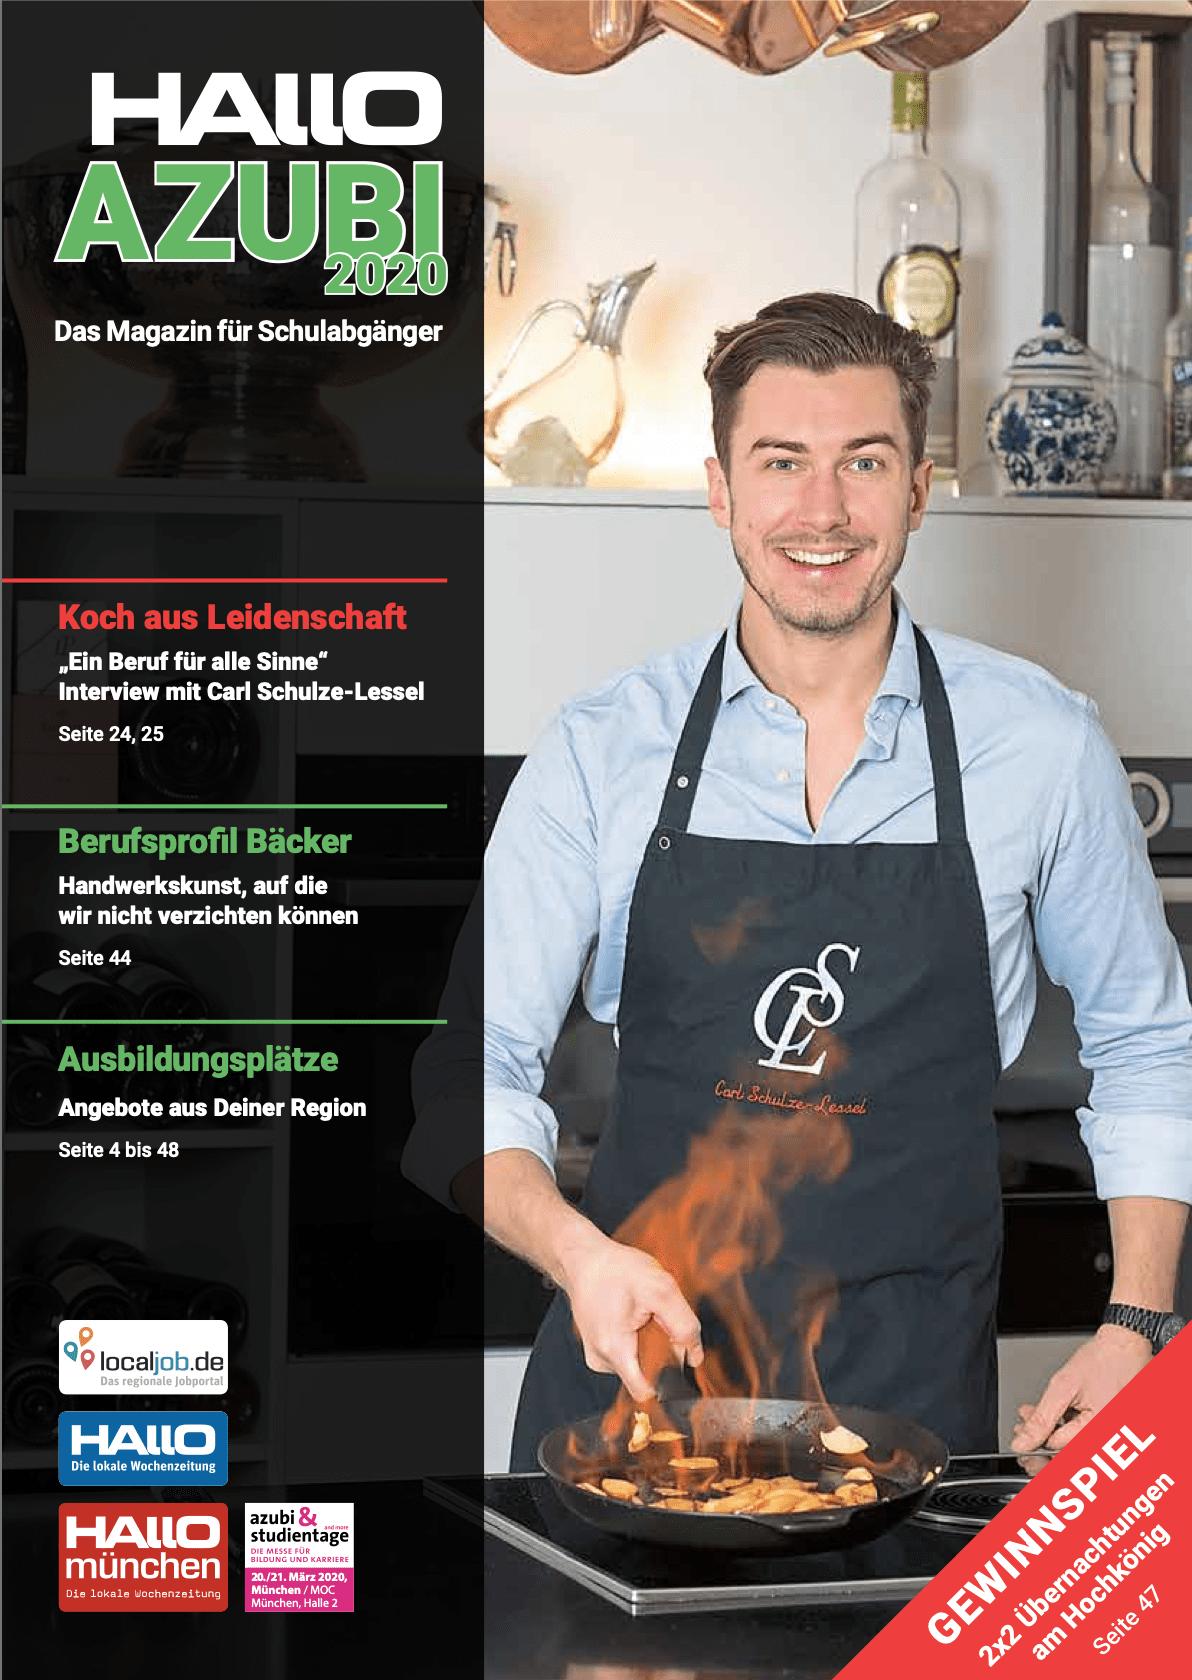 Hallo Azubi 2020 Catering München